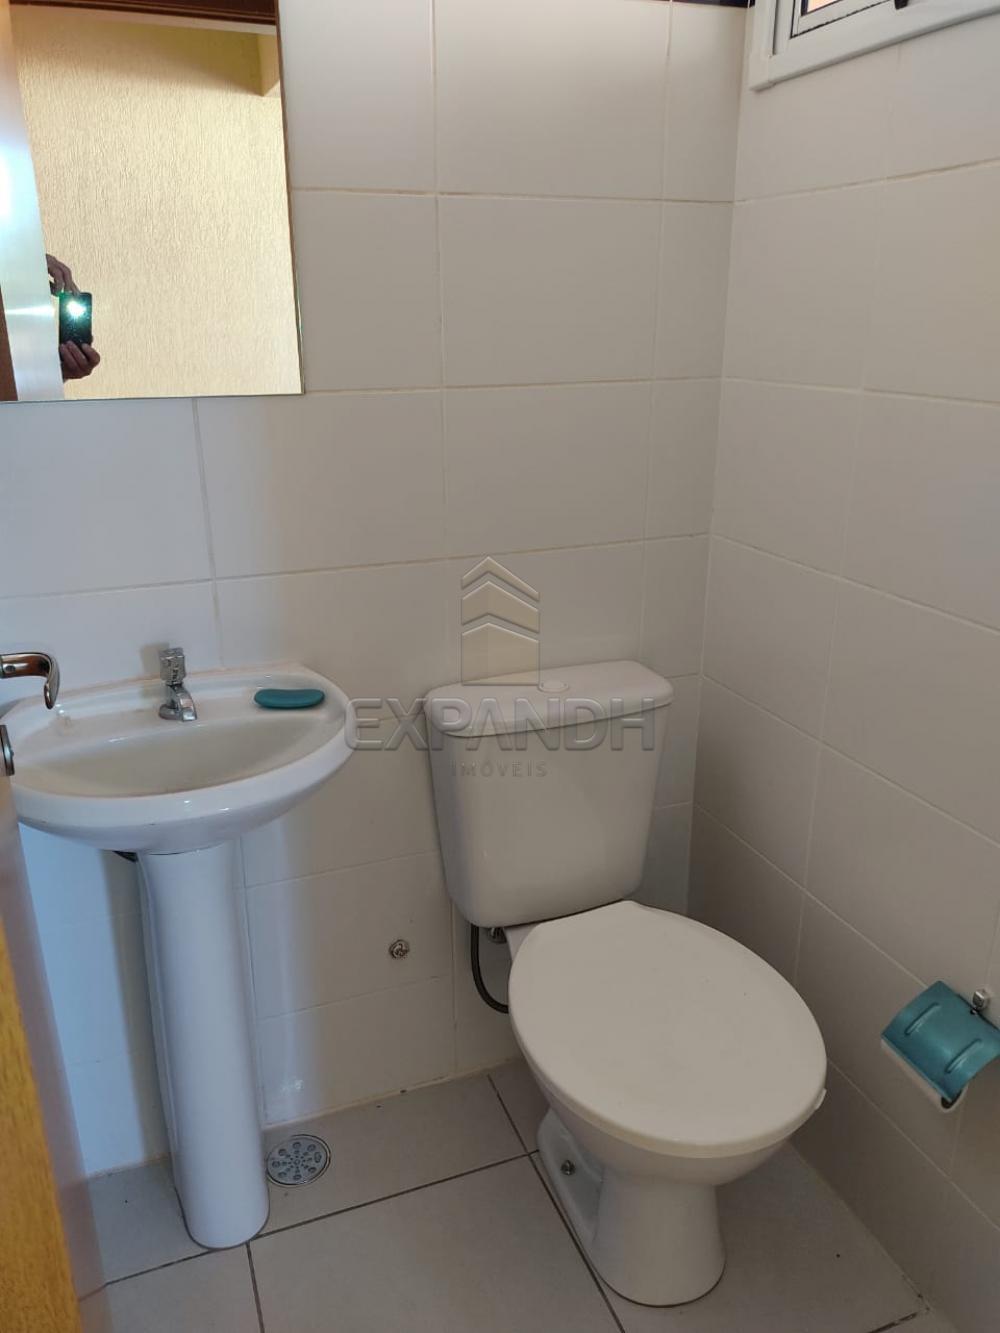 Comprar Casas / Condomínio em Sertãozinho R$ 240.000,00 - Foto 10